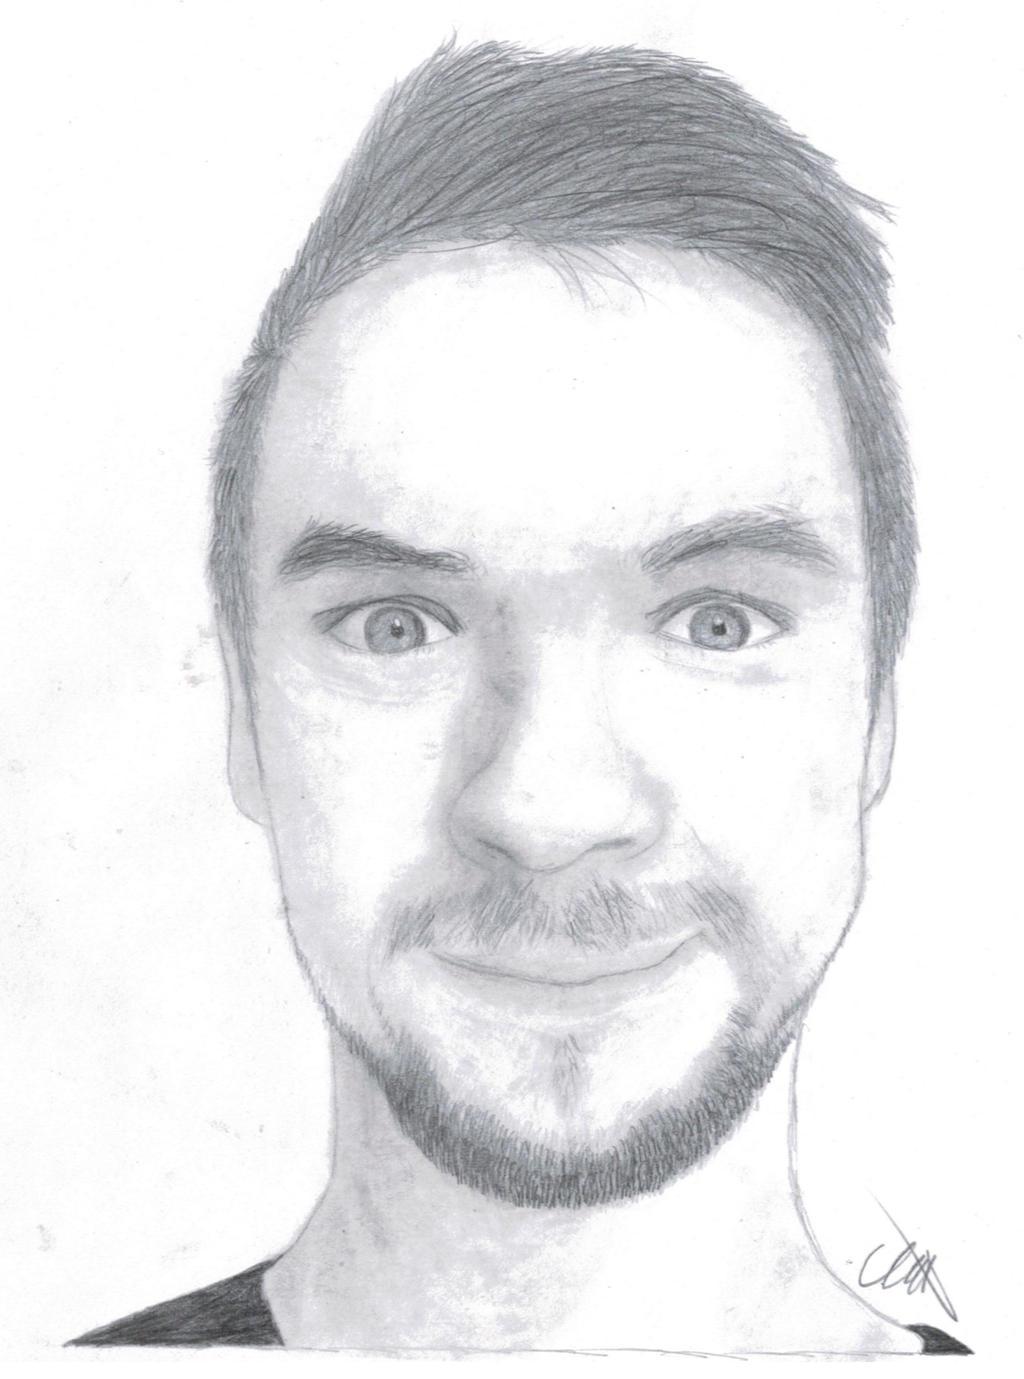 Jacksepticeye Pencil Sketch 12 By Lisuje How To Draw Jacksepticeye